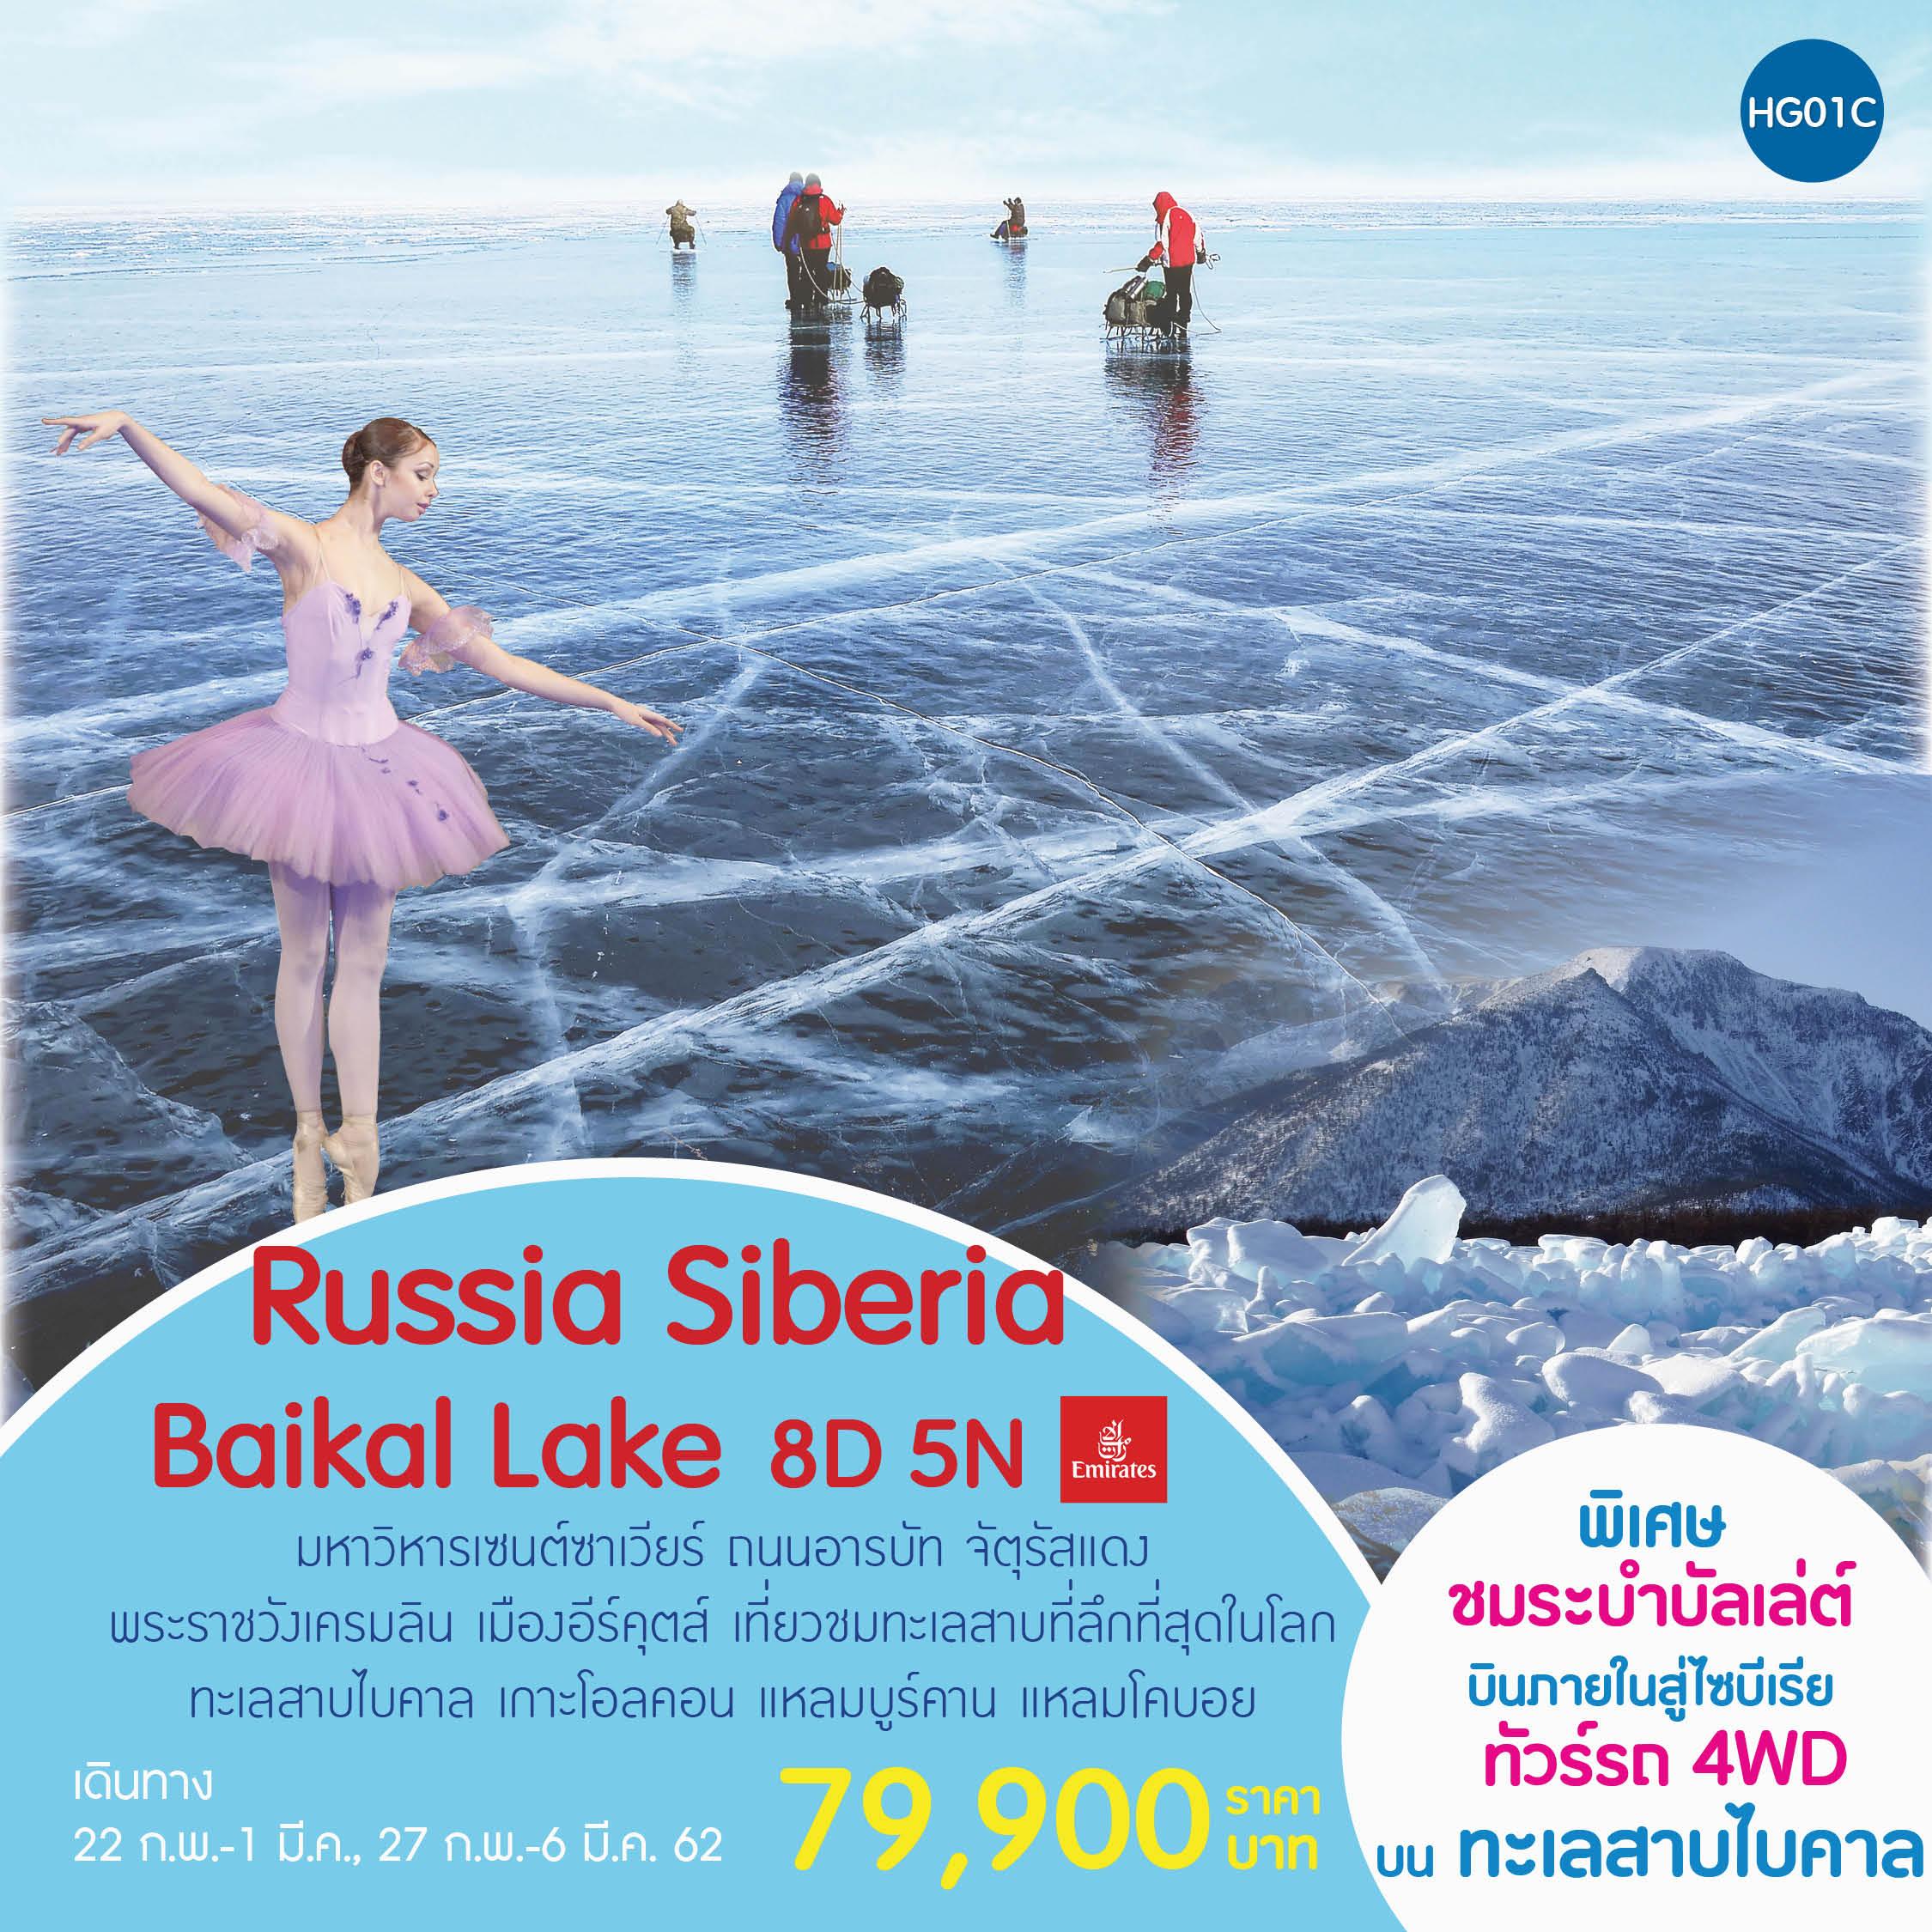 ทัวร์รัสเซีย ไบคาล (HG02C) Russia Siberia Baikal Lake